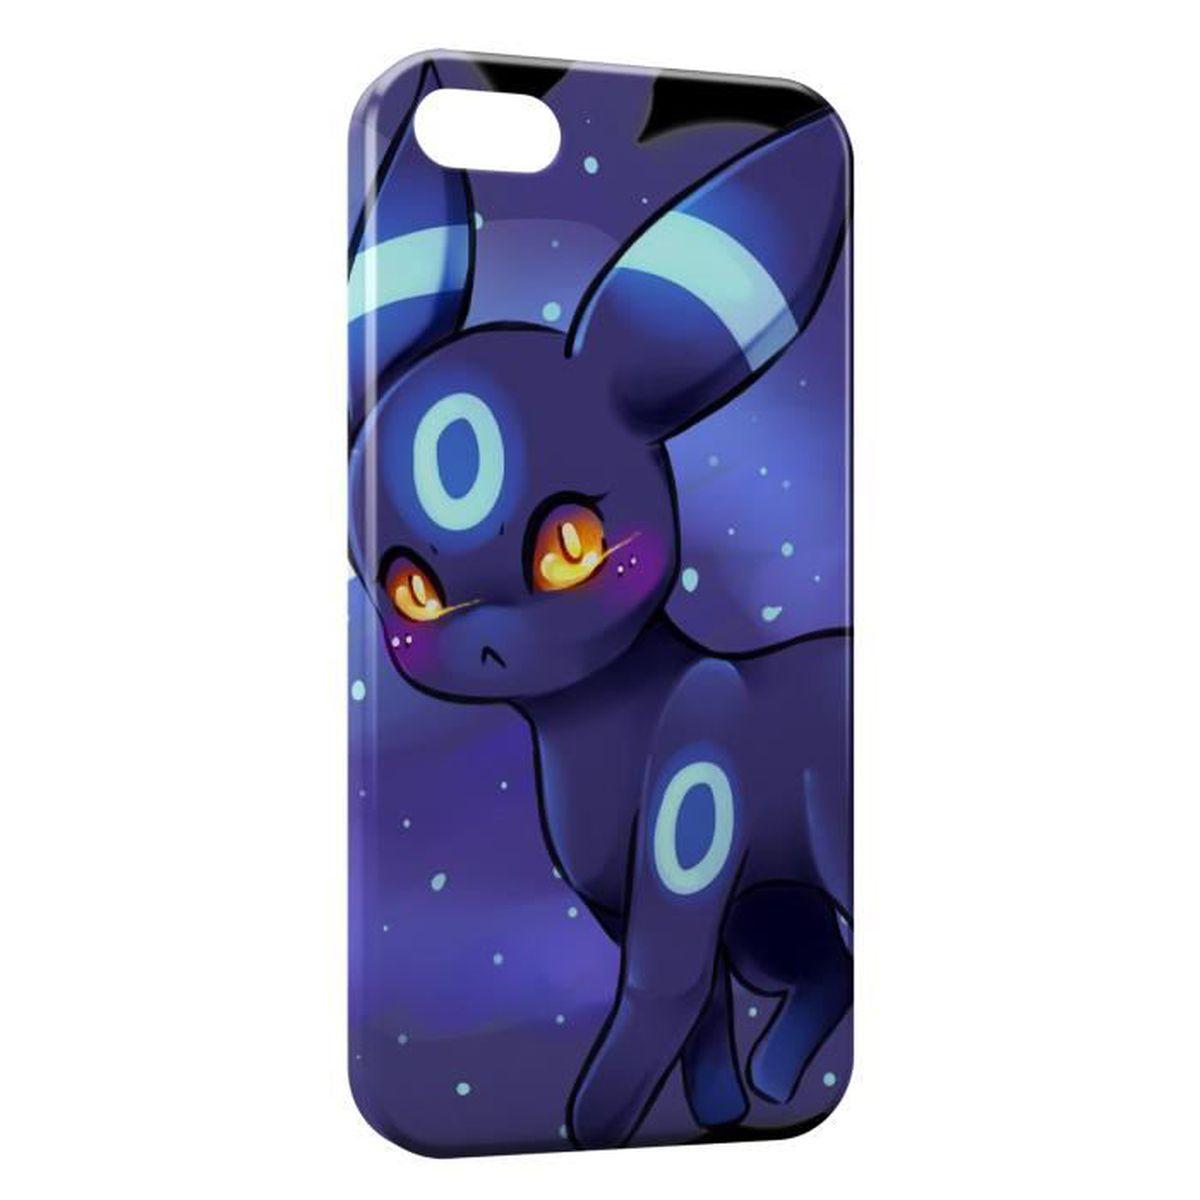 coque iphone 6 pokemon